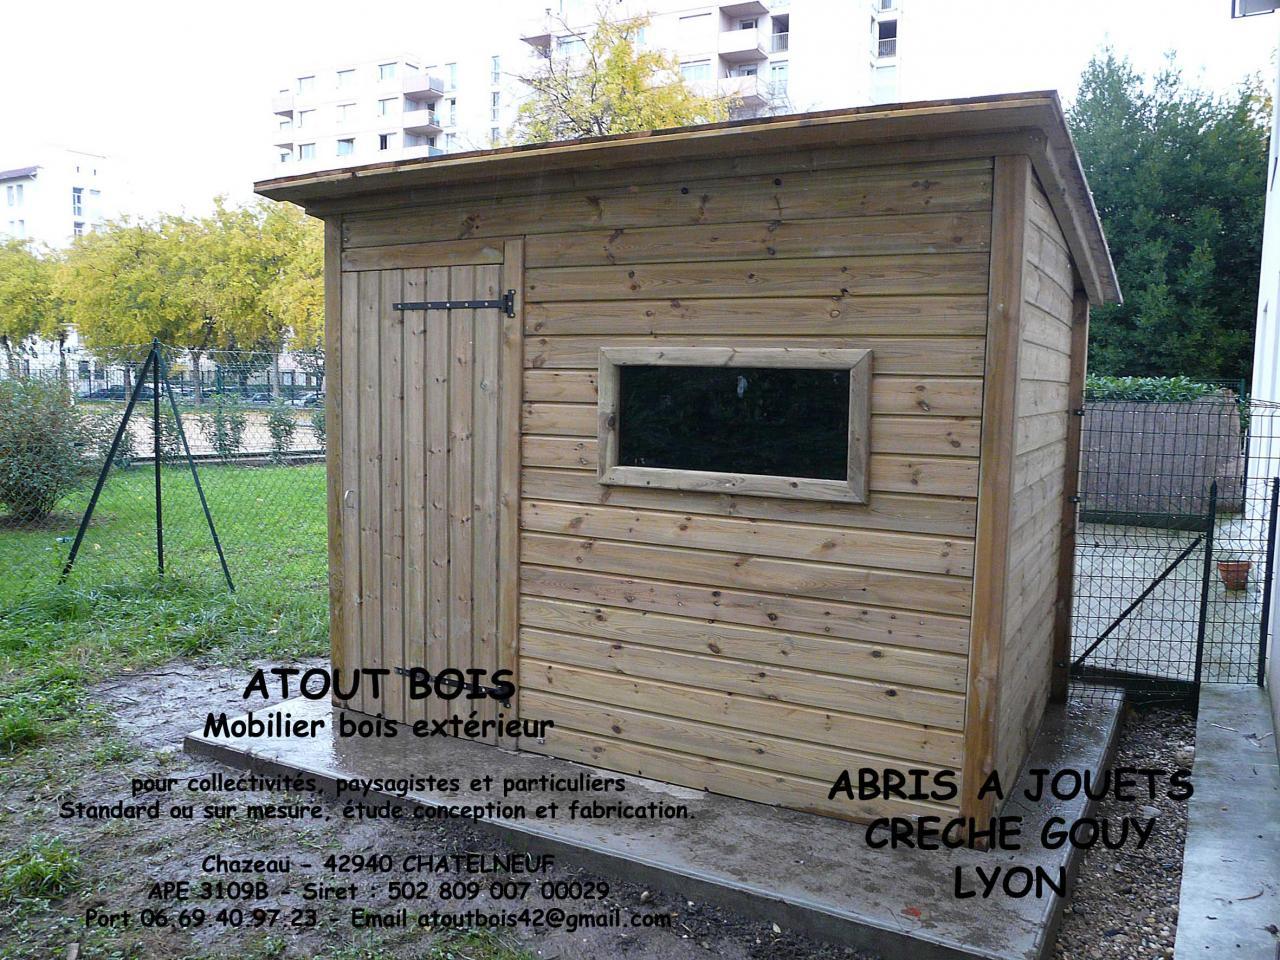 Abris a jouets en pin traite autoclave classe 4 cr che gouy lyon - Abri de jardin bois autoclave classe 4 ...